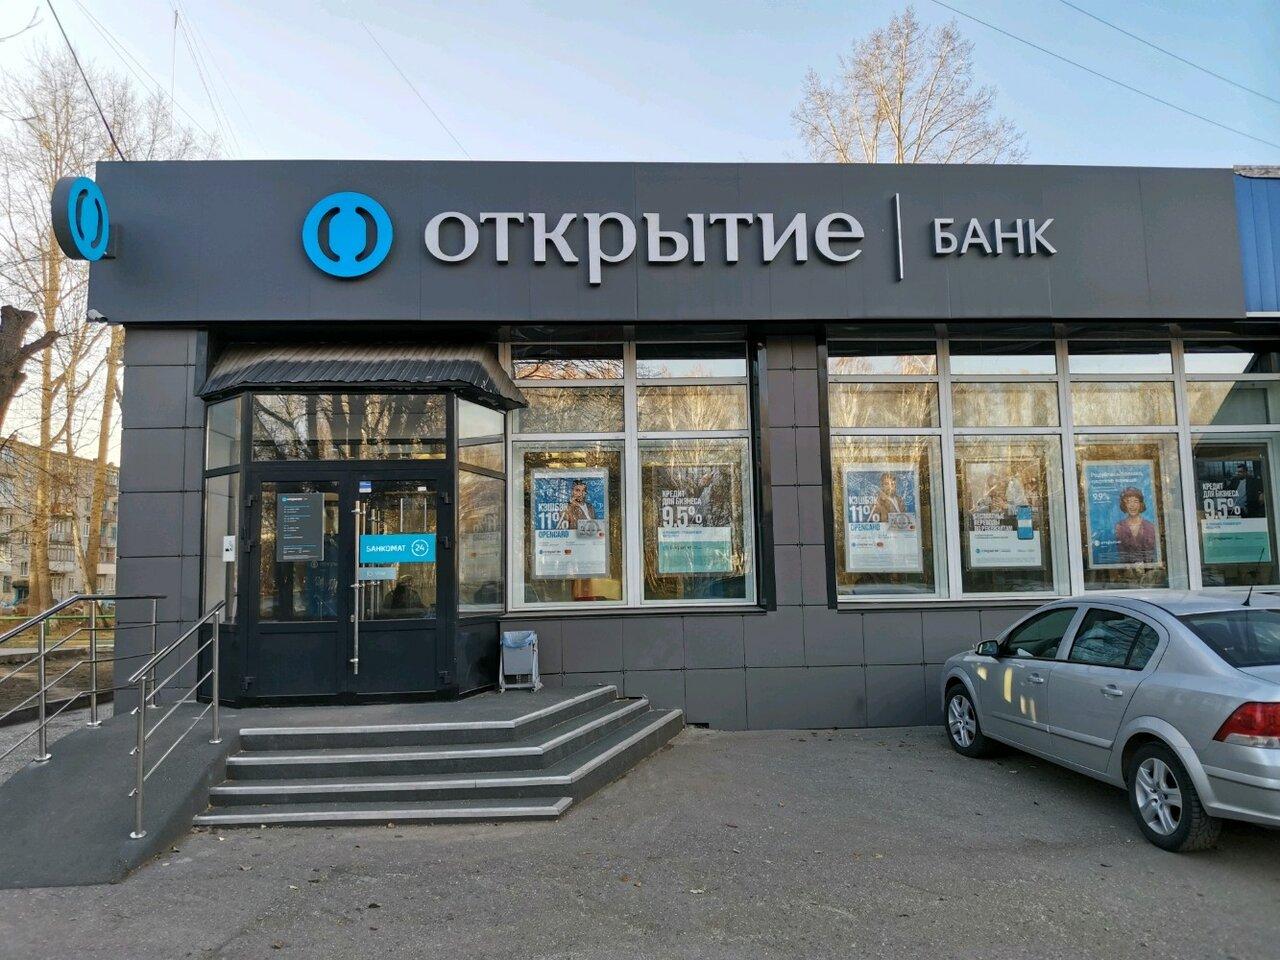 открытые банки фотографий всего